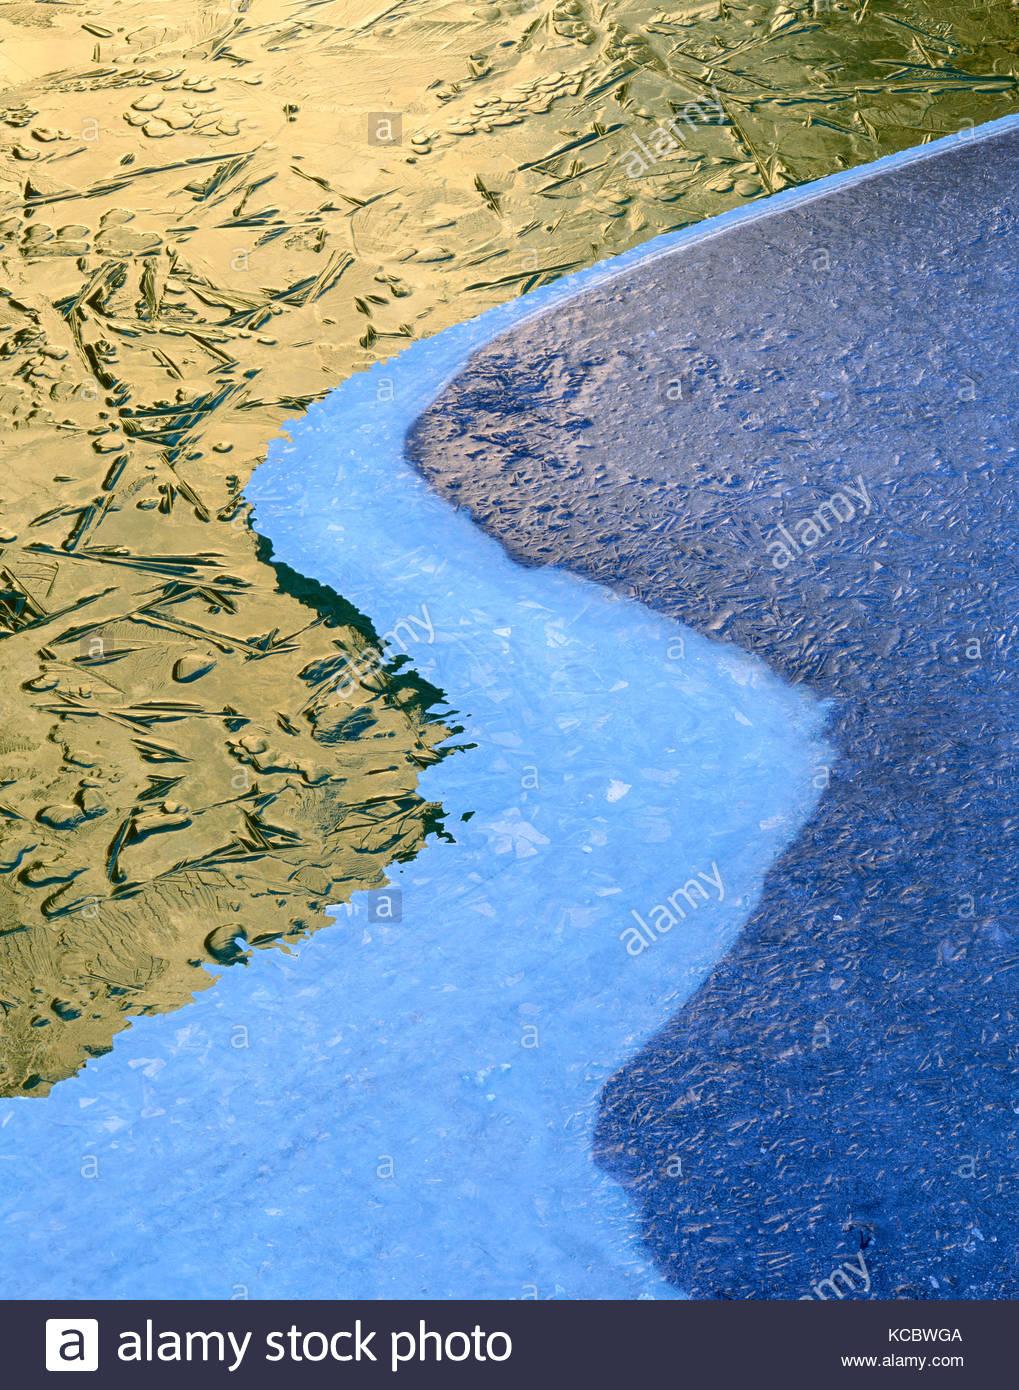 Tre strati di ghiaccio modelli nel fiume Merced, del Parco Nazionale Yosemite in California Immagini Stock